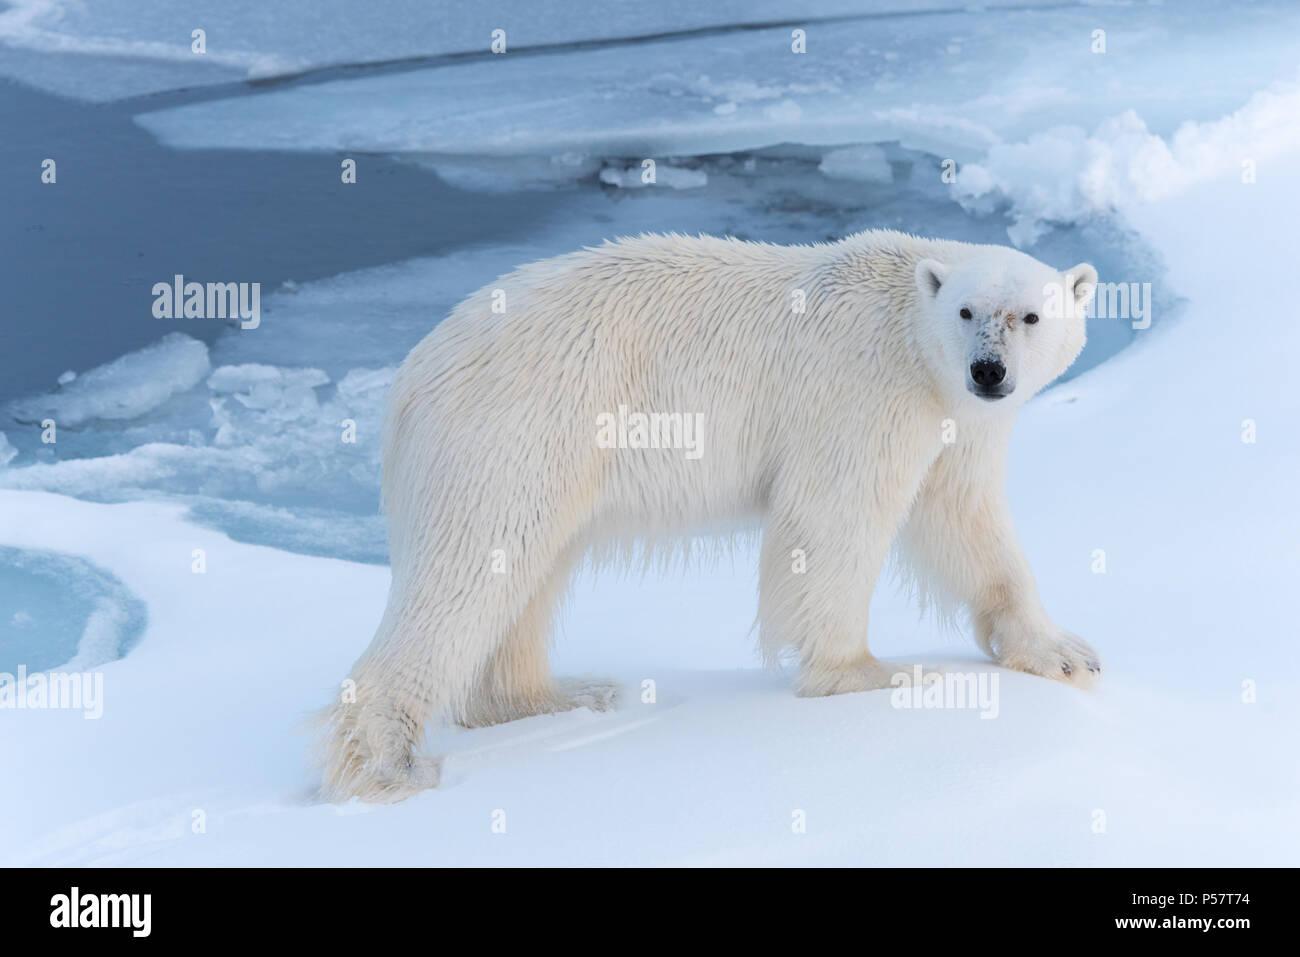 La marche de l'ours dans la neige Photo Stock